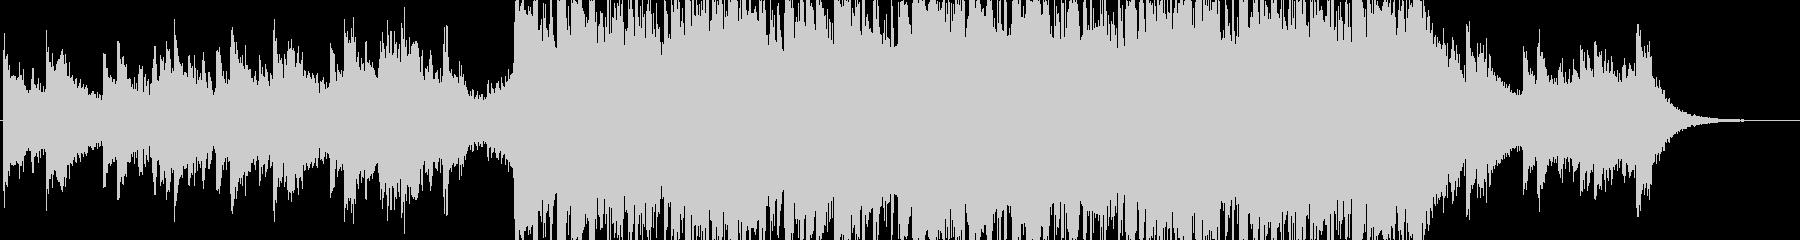 メロディアスで綺麗な印象のドラムンベースの未再生の波形